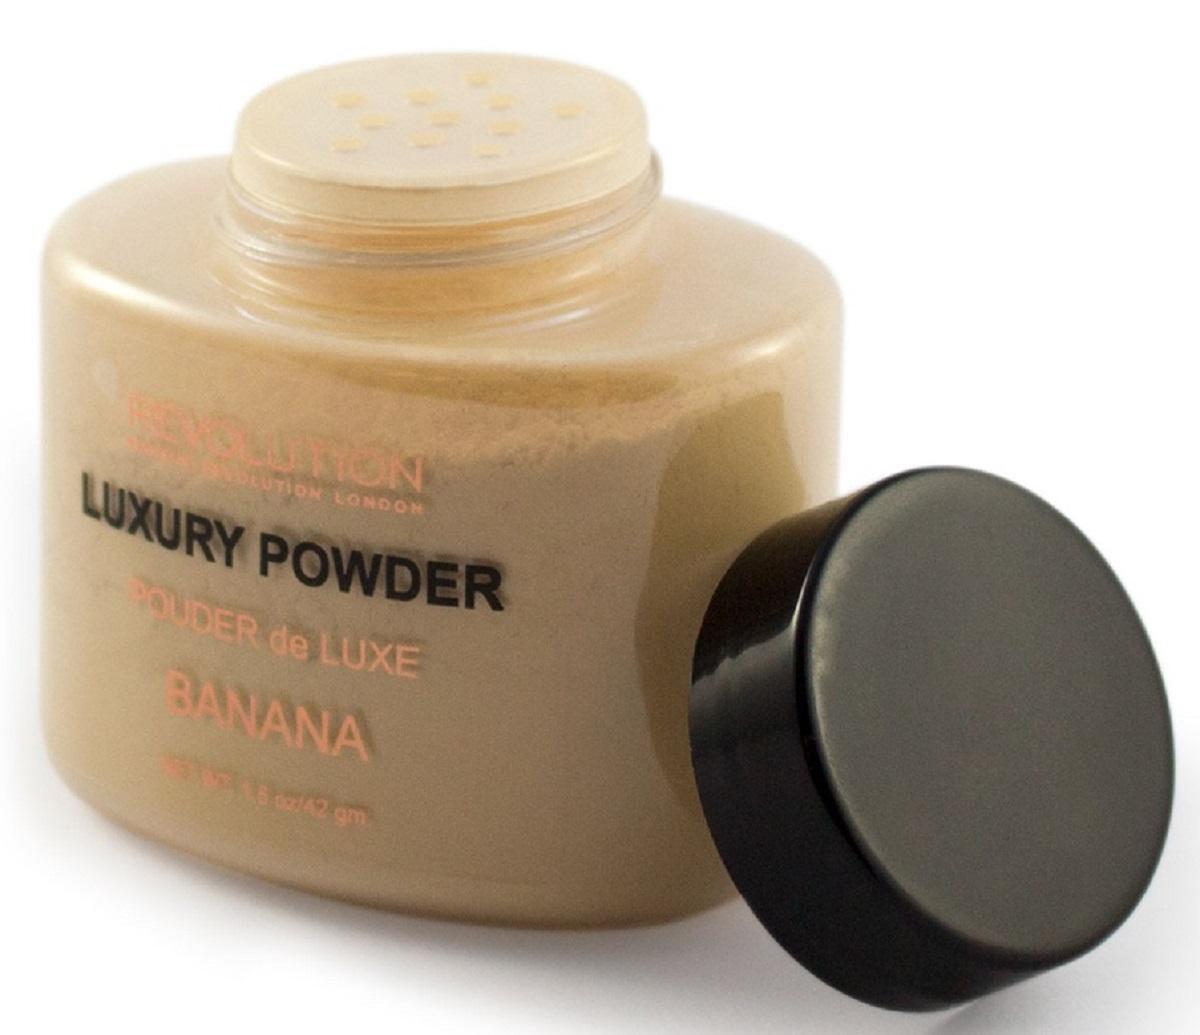 Makeup Revolution Рассыпчатая пудра Luxury Banana Powder91680Пудра для бейкинга в натуральном светло бежевом оттенке с розовым подтоном. Матирует кожу и фиксирует макияж сохраняя ваш безупречный образ в течение дня. Предотвращает появление жирного блеска и продлевает стойкость макияжа. Сглаживает несовершенства и гарантирует бархатистый матовый финиш. Перед применением тщательно встряхните.